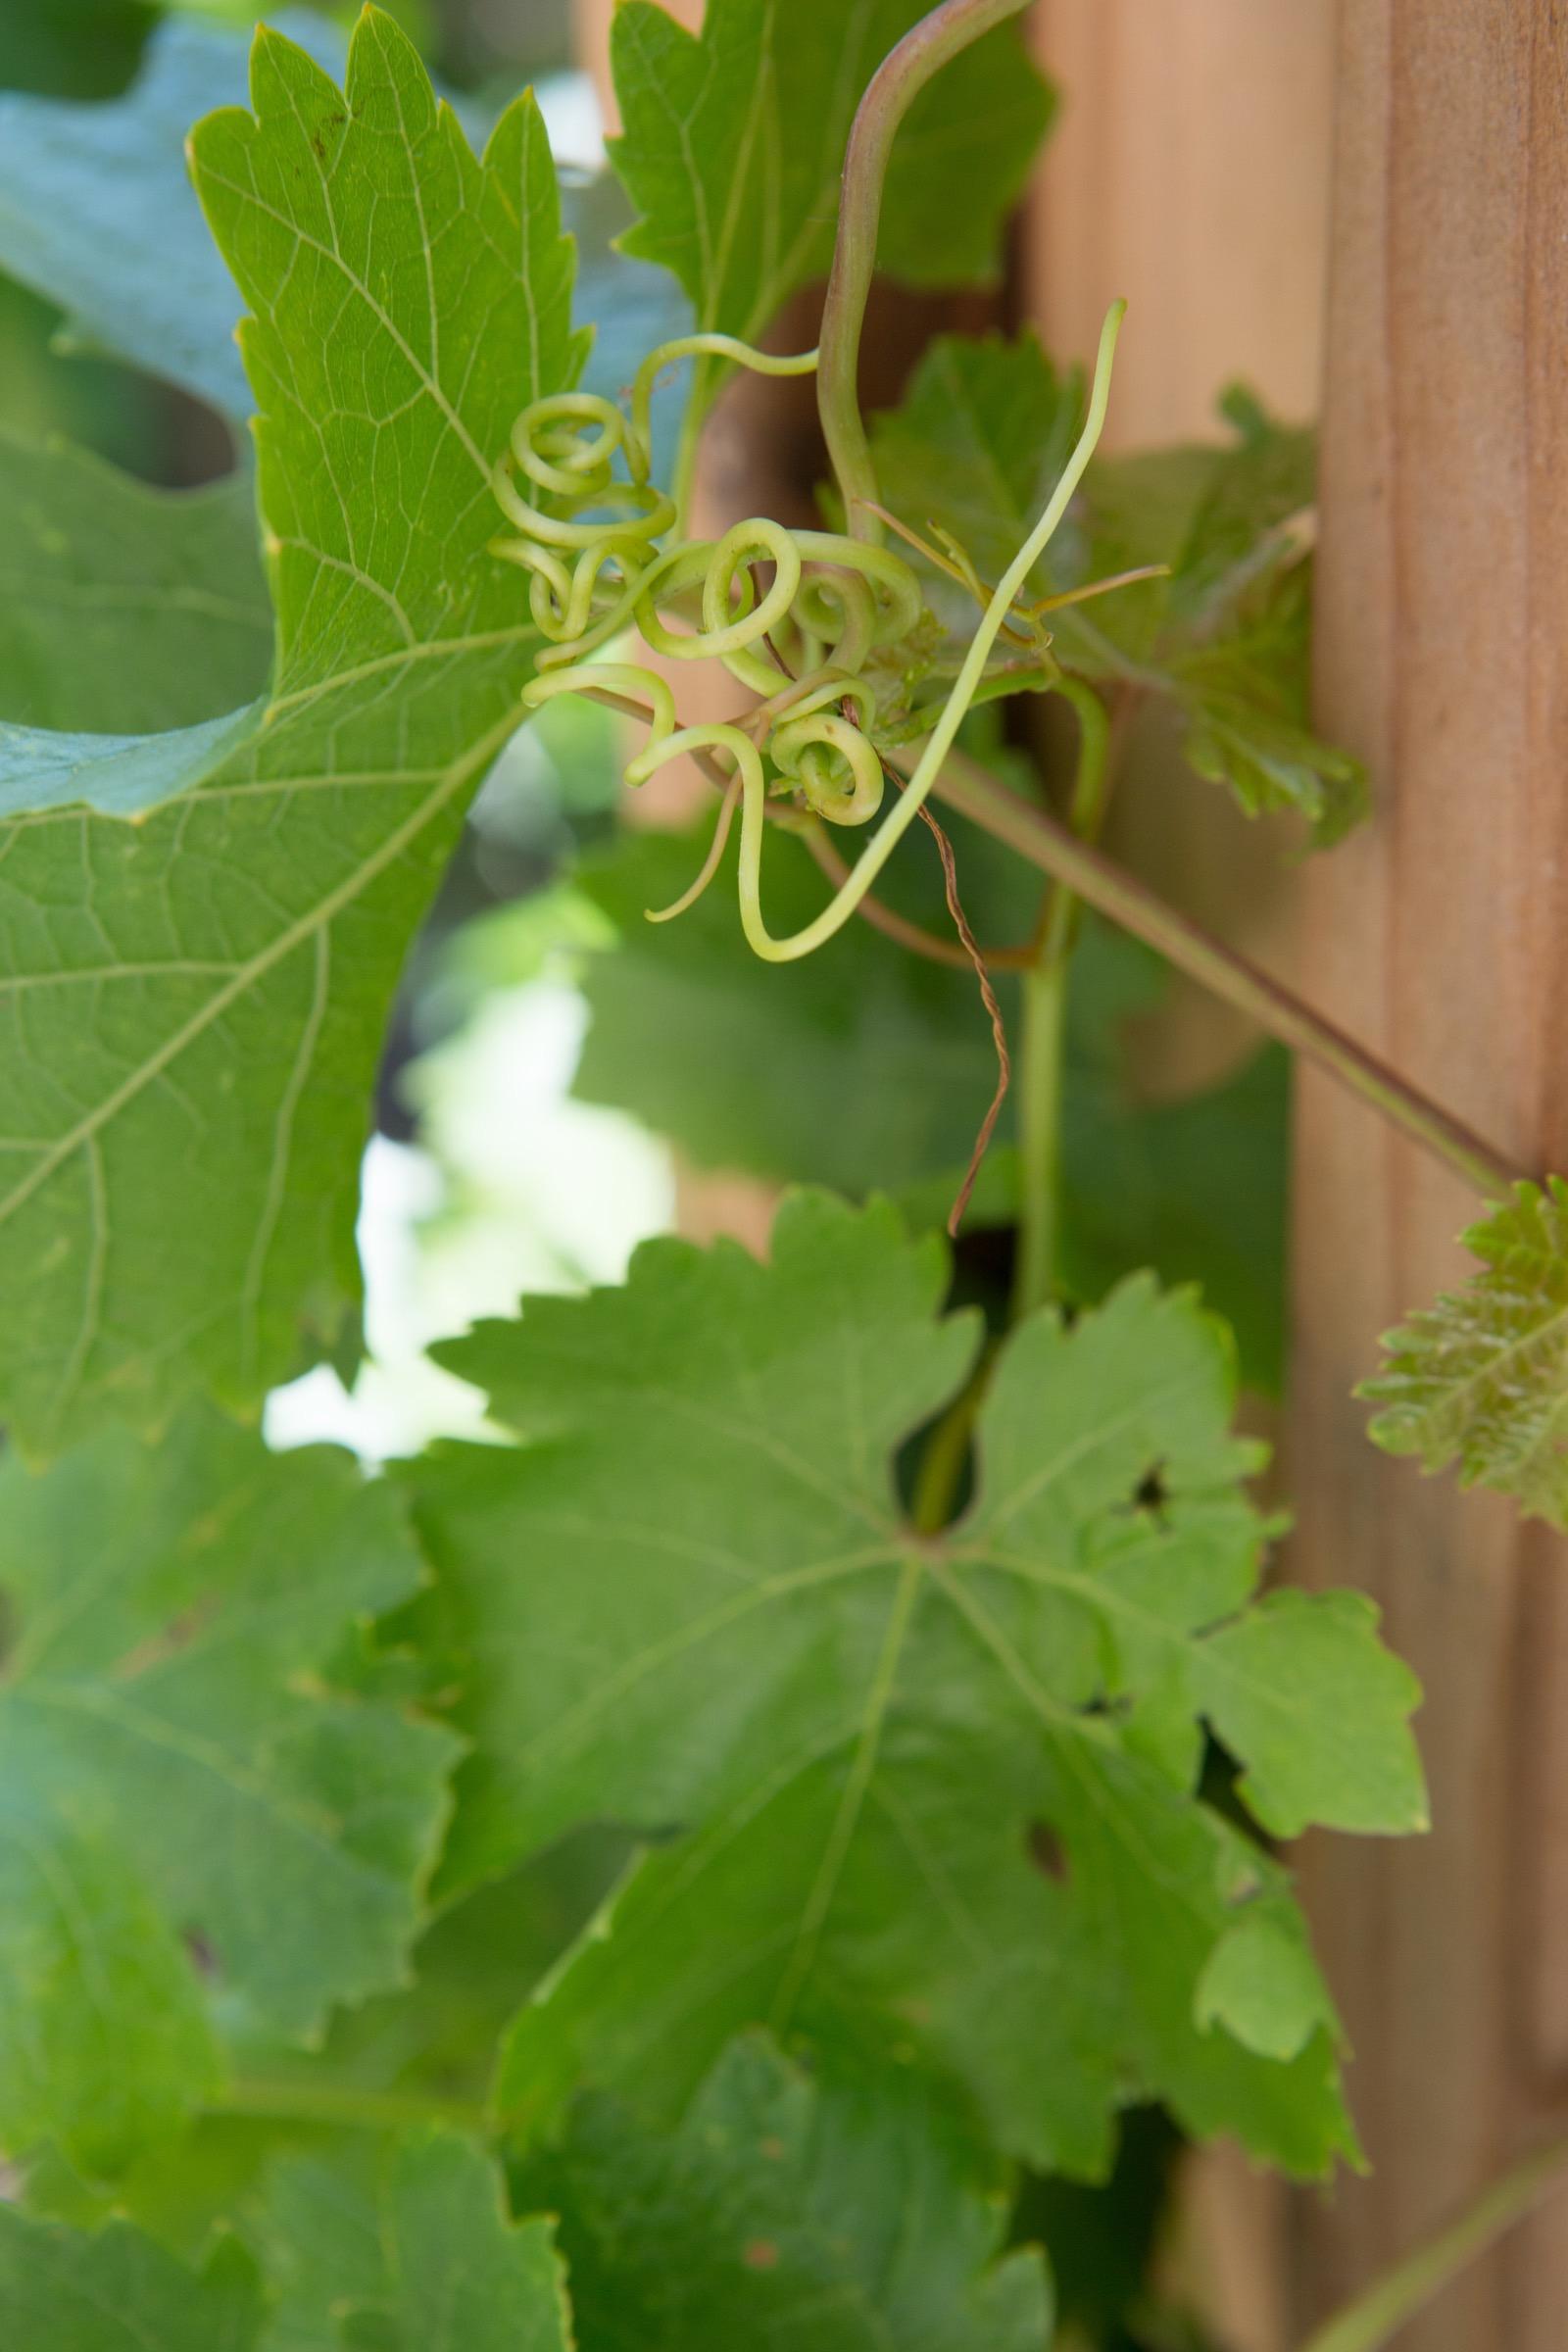 natural earh loop branch-125.jpg